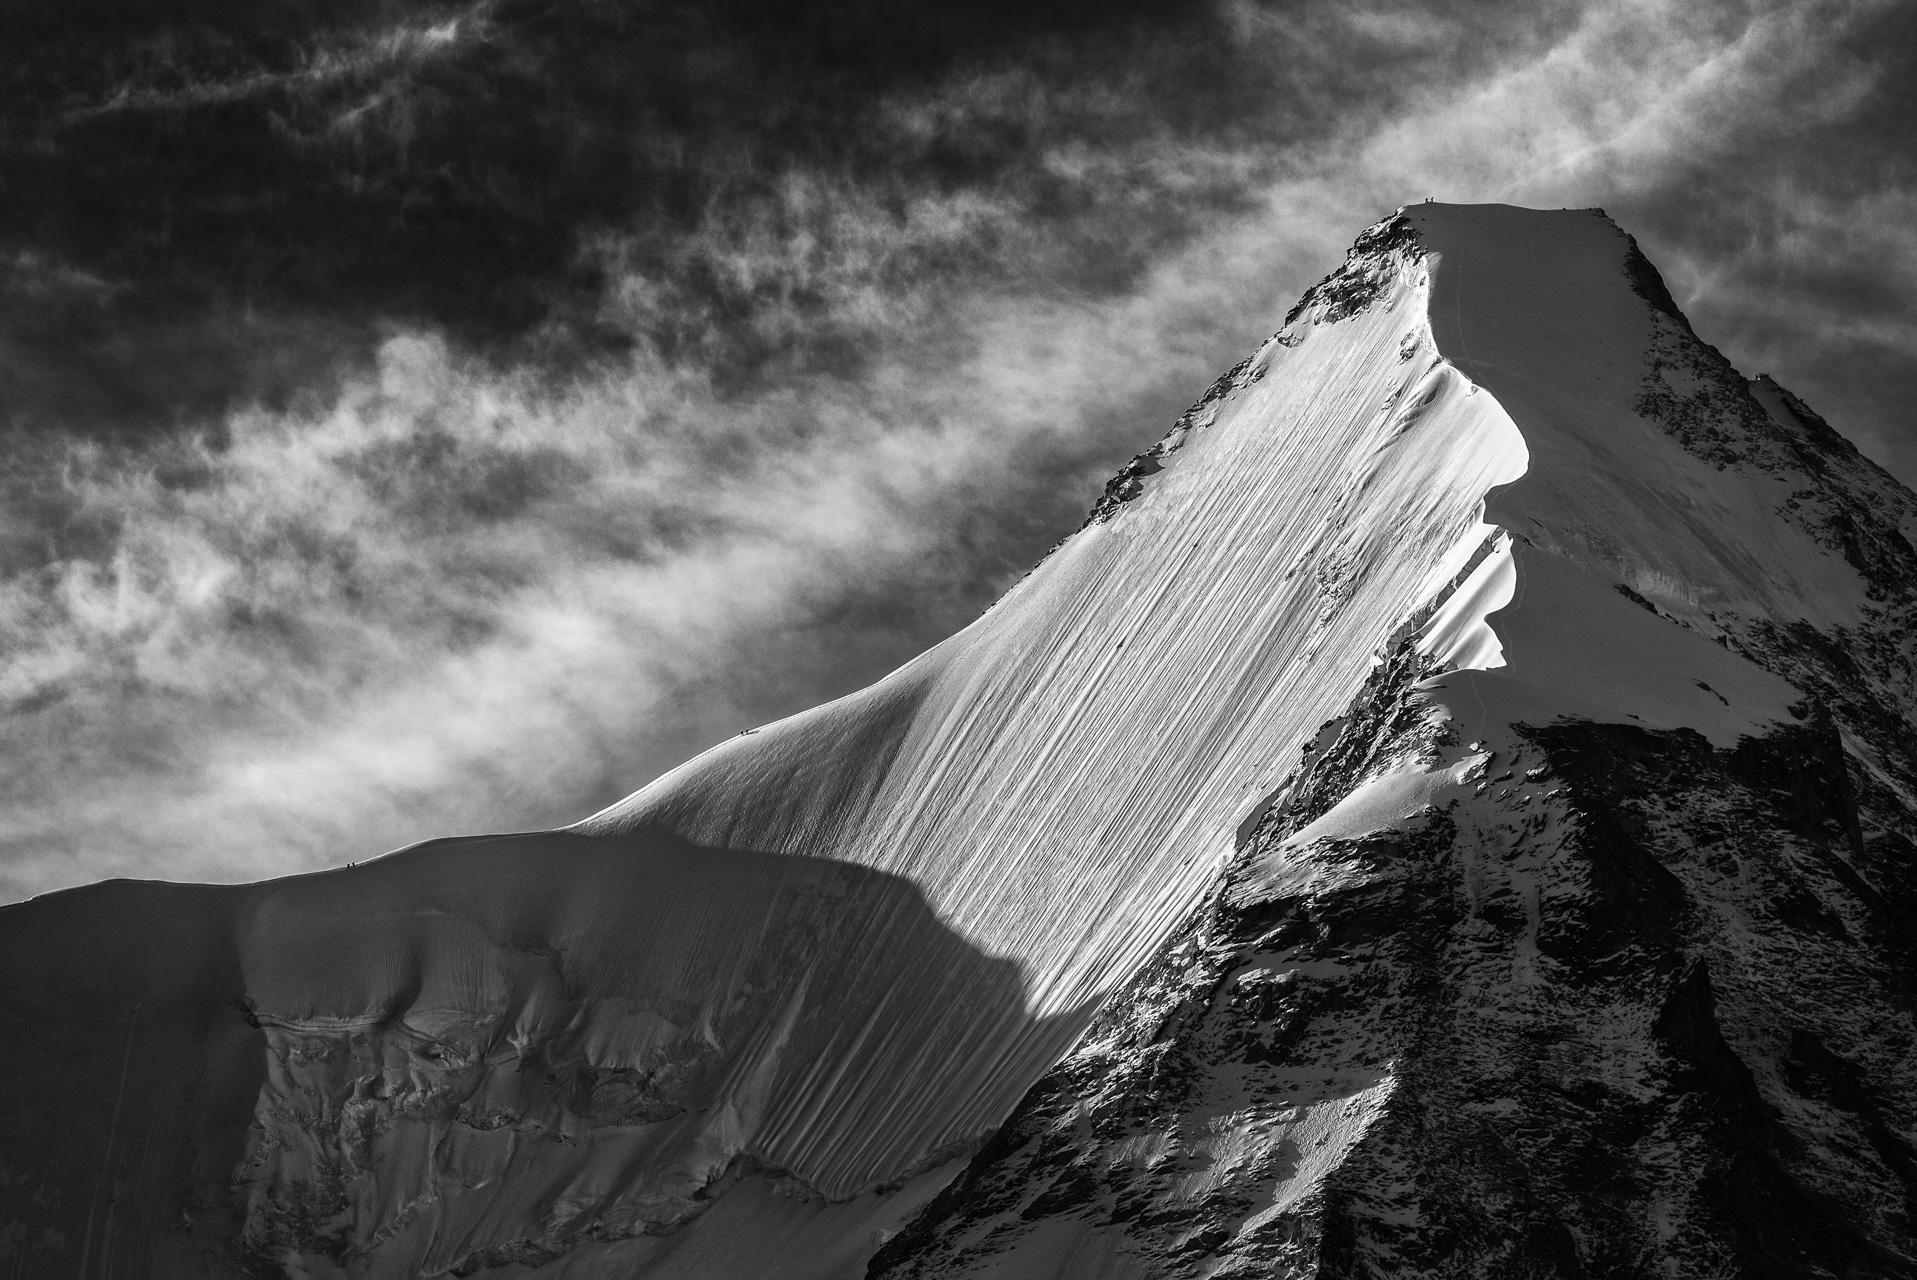 Val d'anniviers - photo de neige en montagne obergabelhorn - photo alpinistes sur arête - face nord des alpes